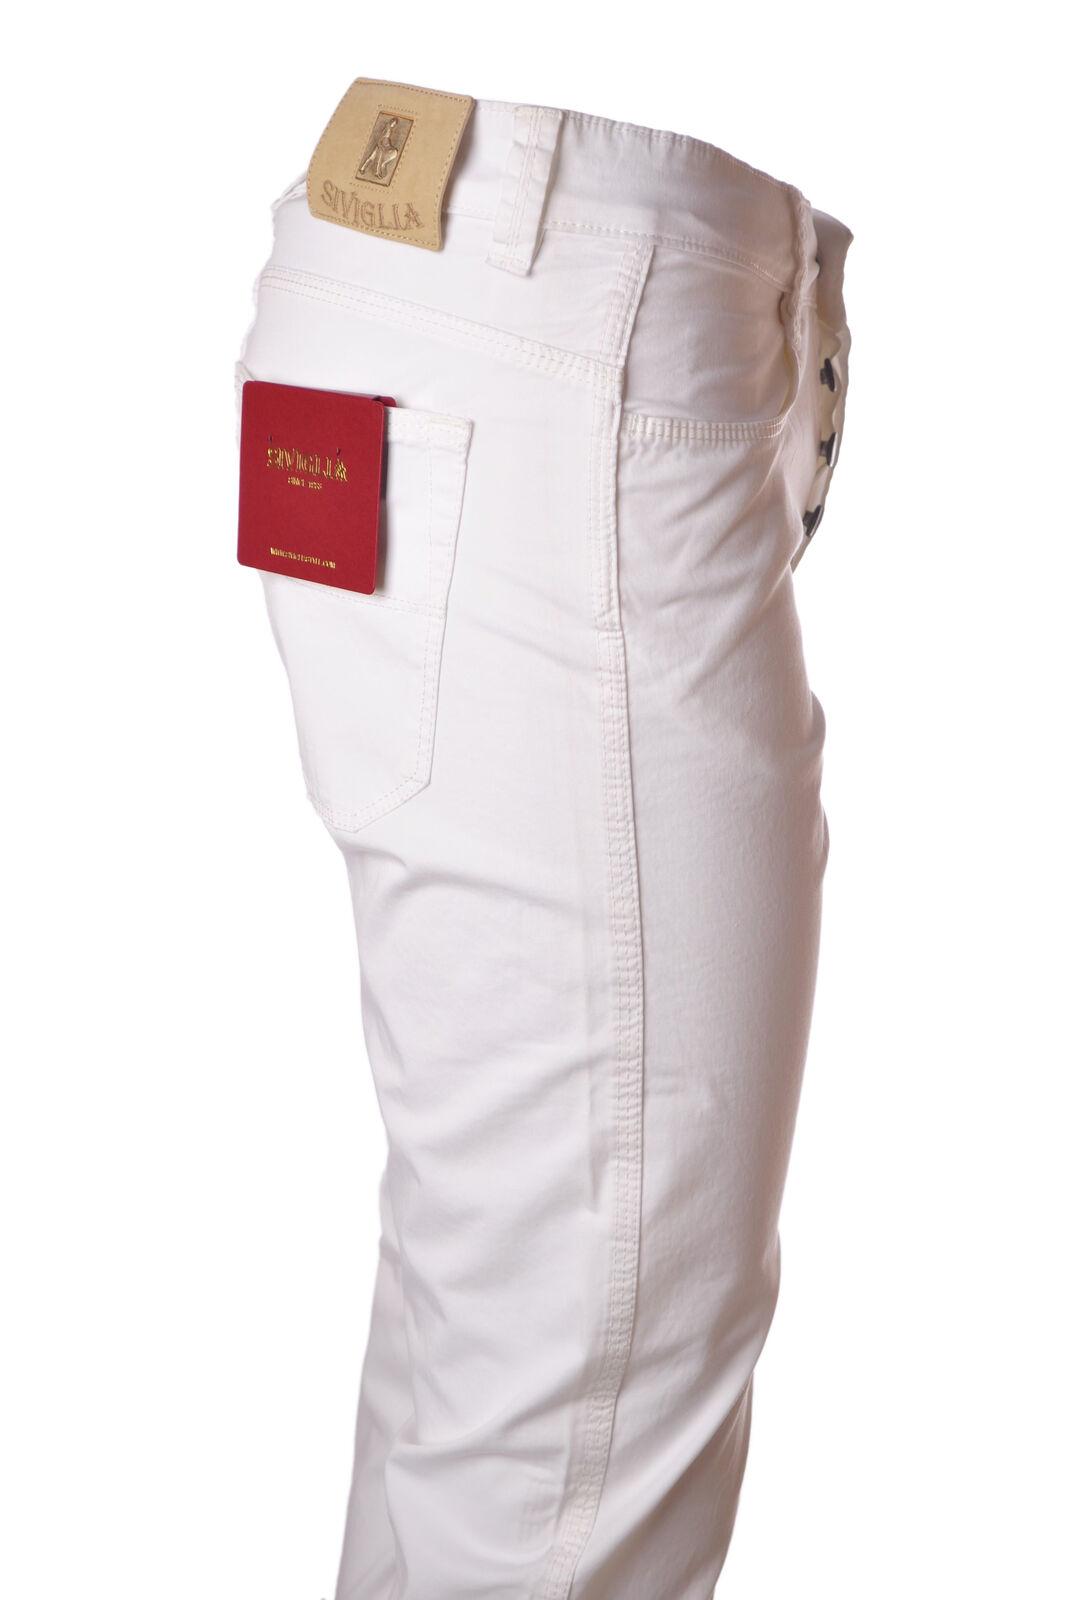 Siviglia  -  Pants - Male - White - 4696024N173550